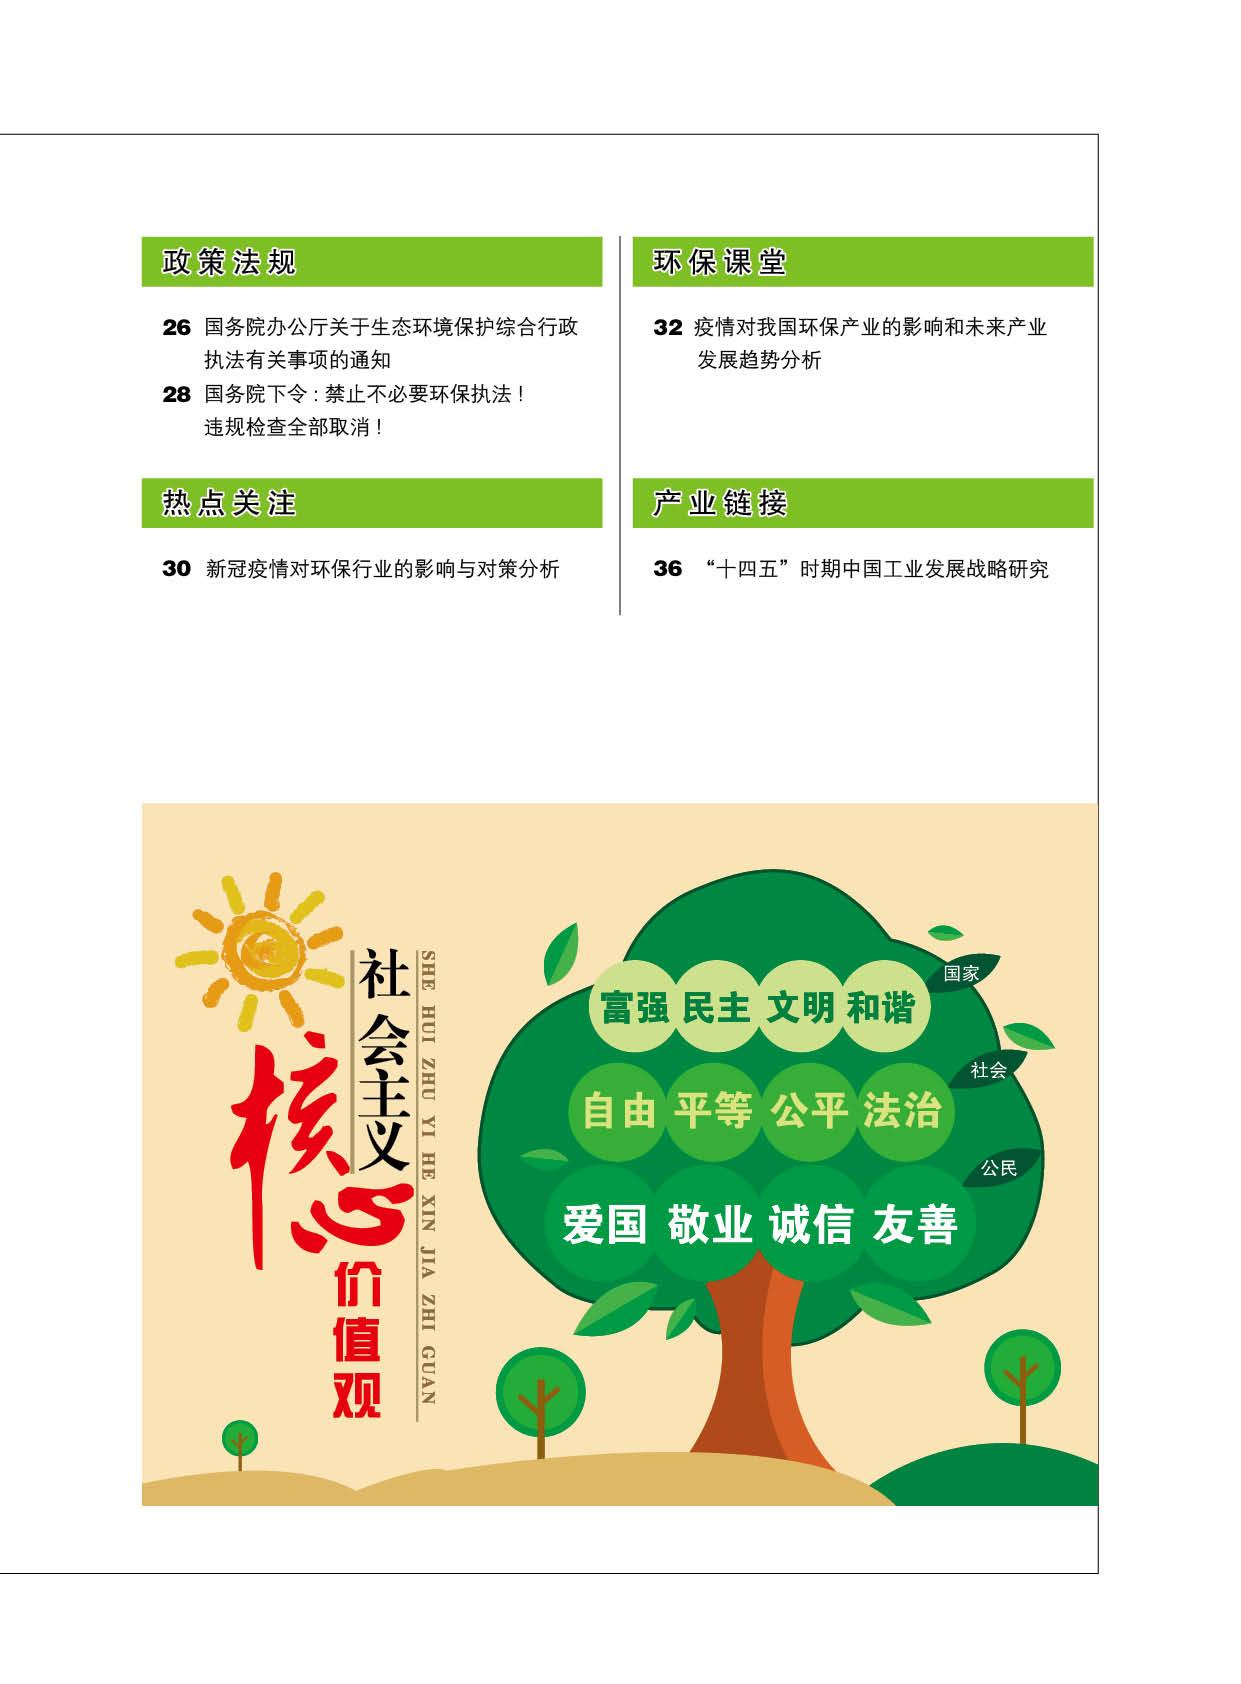 环保-3.jpg